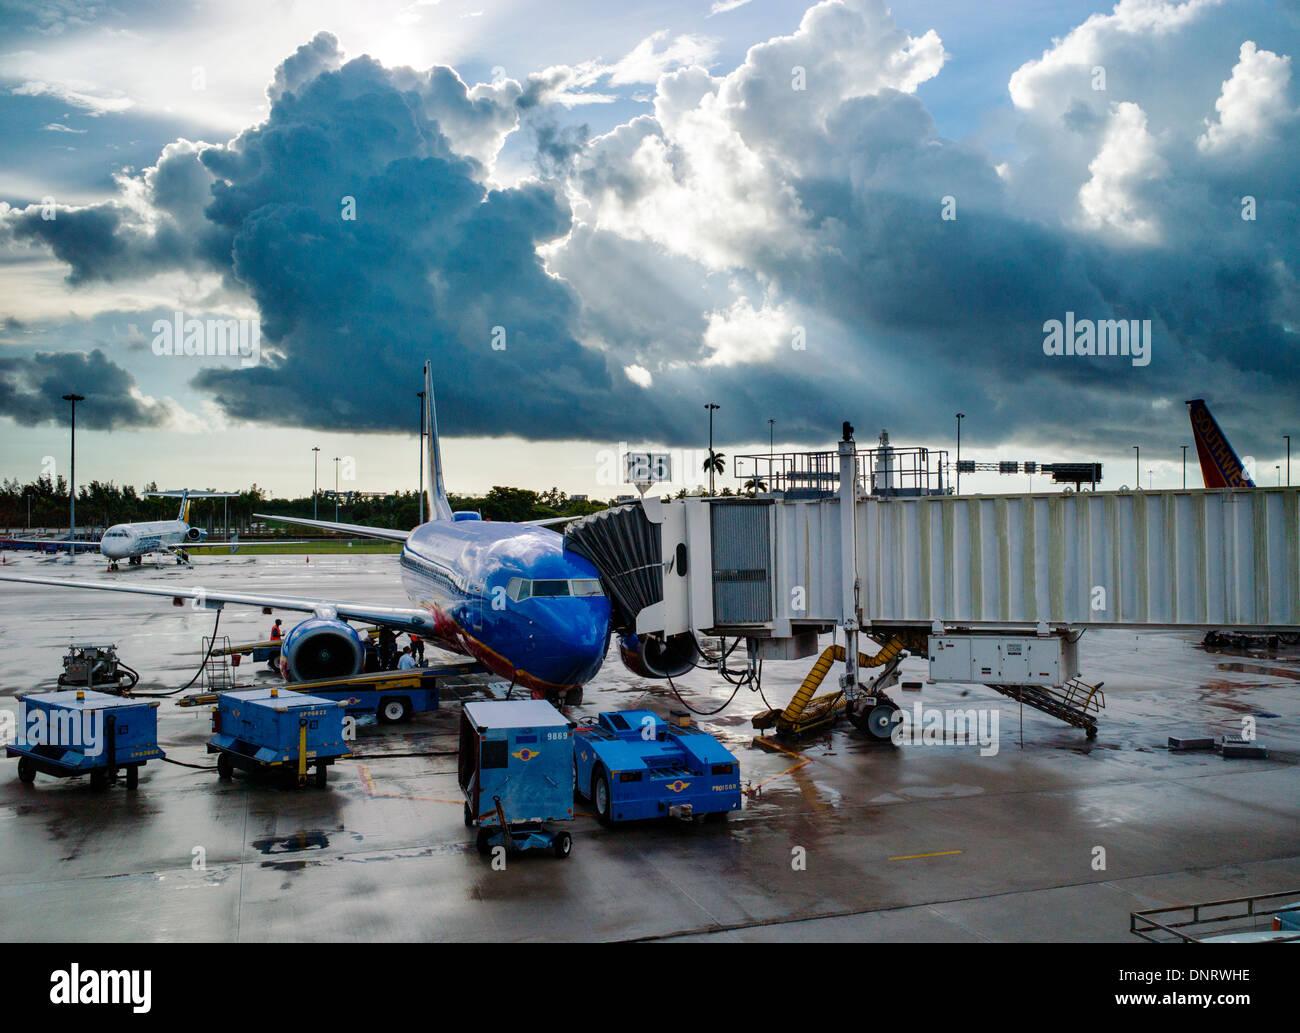 Verkehrsflugzeug, angezeigt durch ein Tor Fenster, ft. Lauderdale - Hollywood International Airport Stockbild